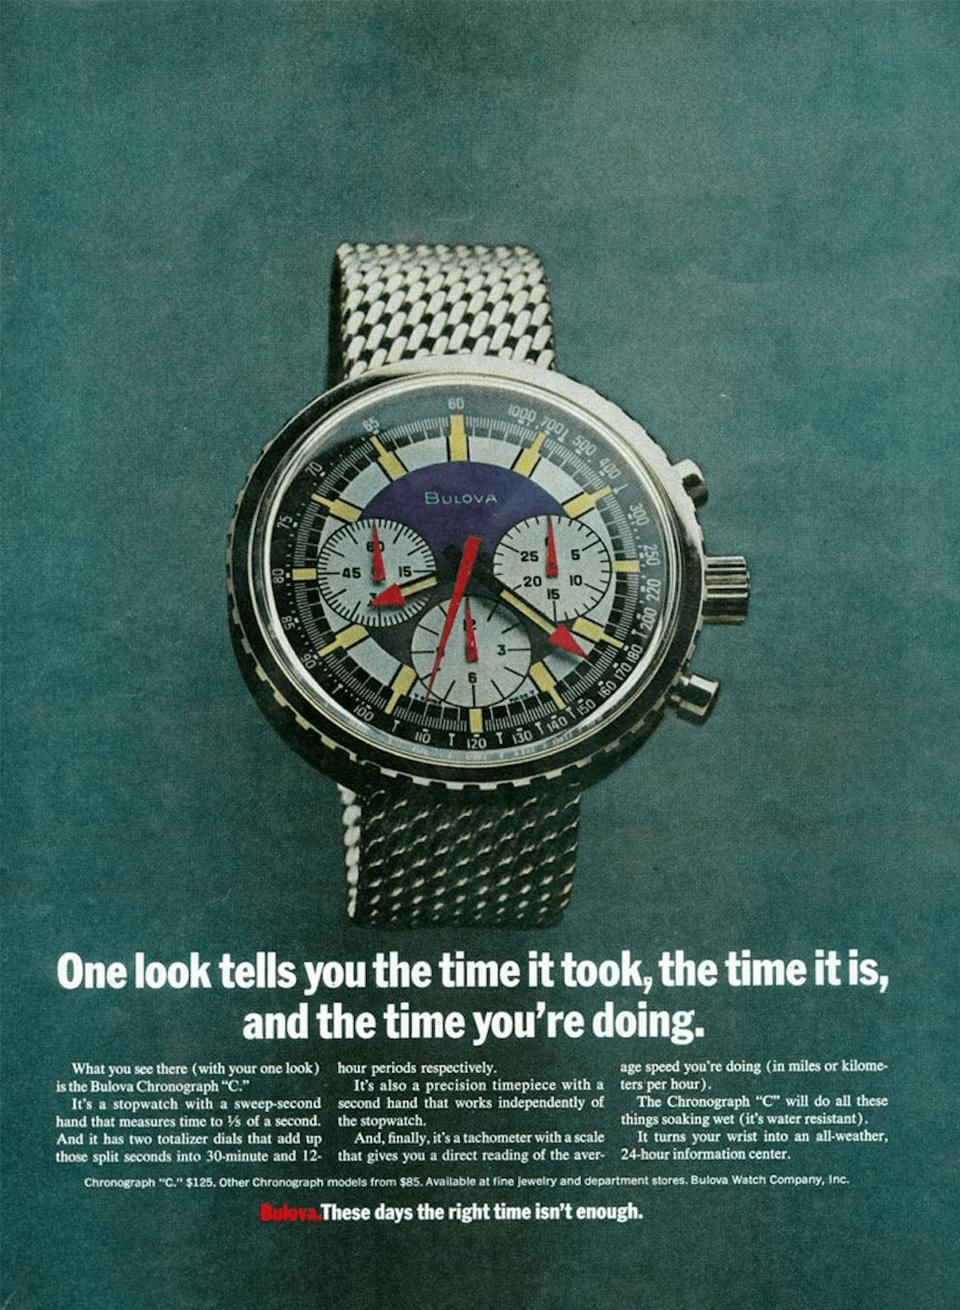 chronograph-img1.png